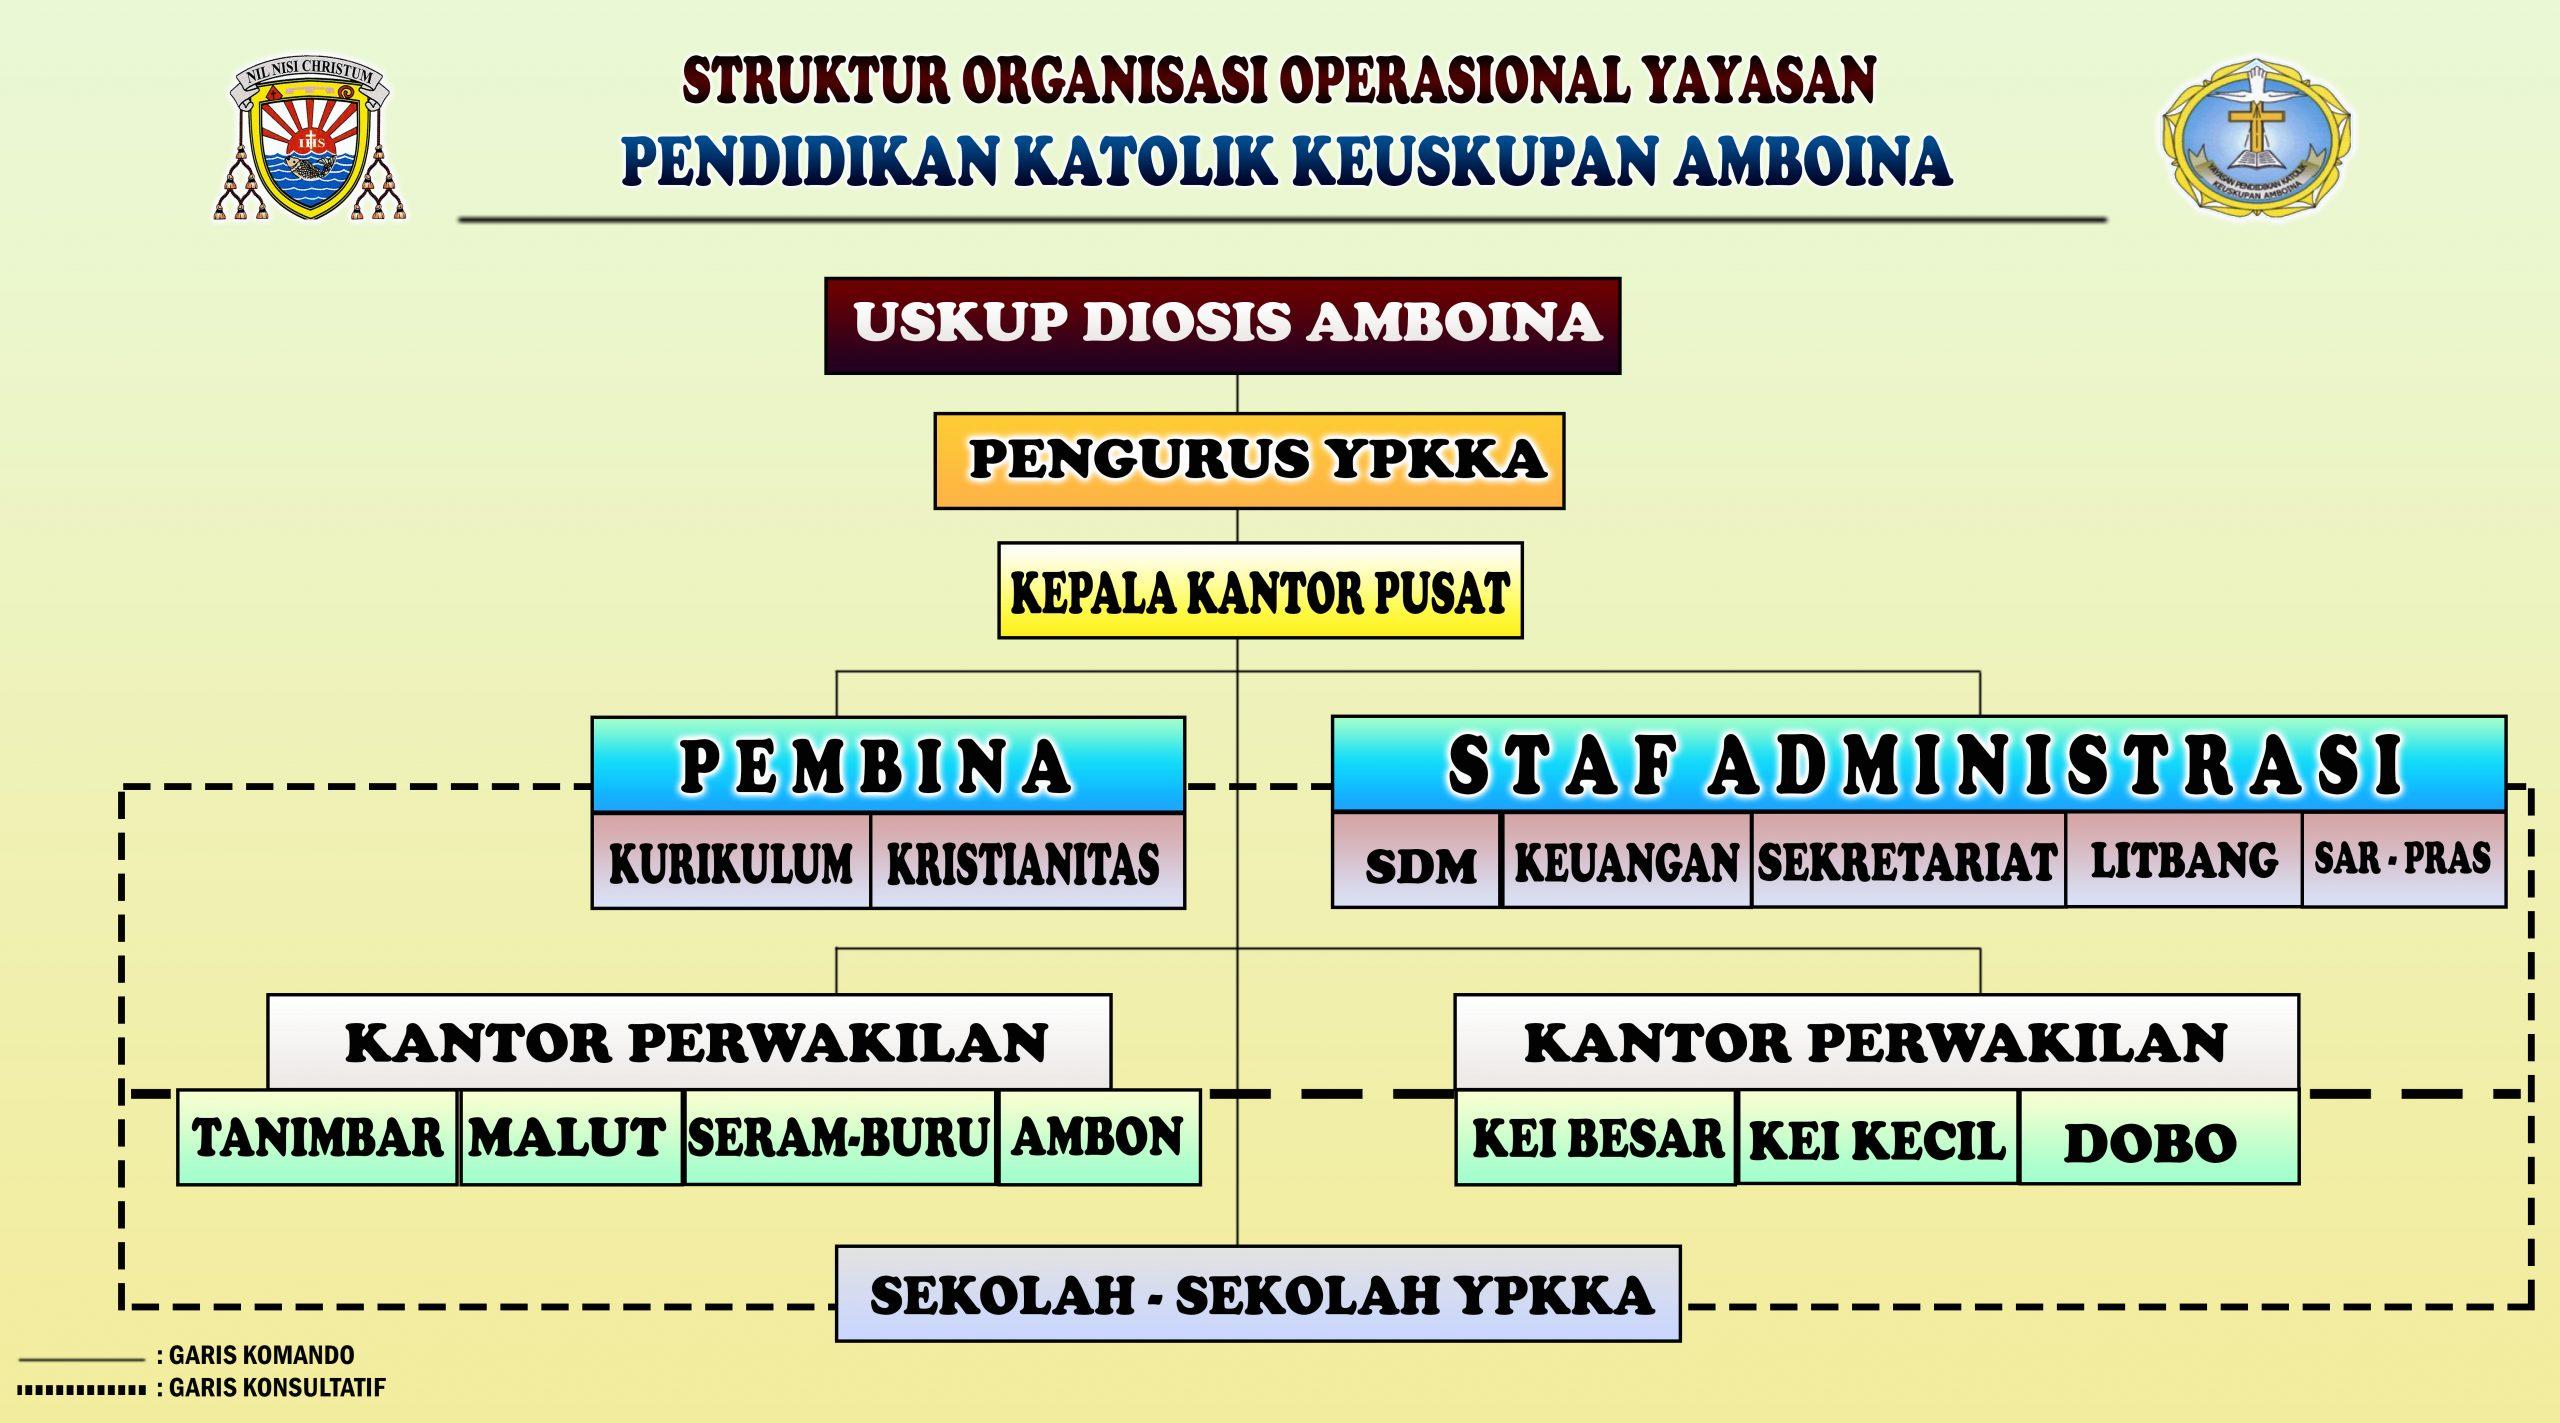 STRUKTUR ORGANISASI OPERASIONAL YPKKA